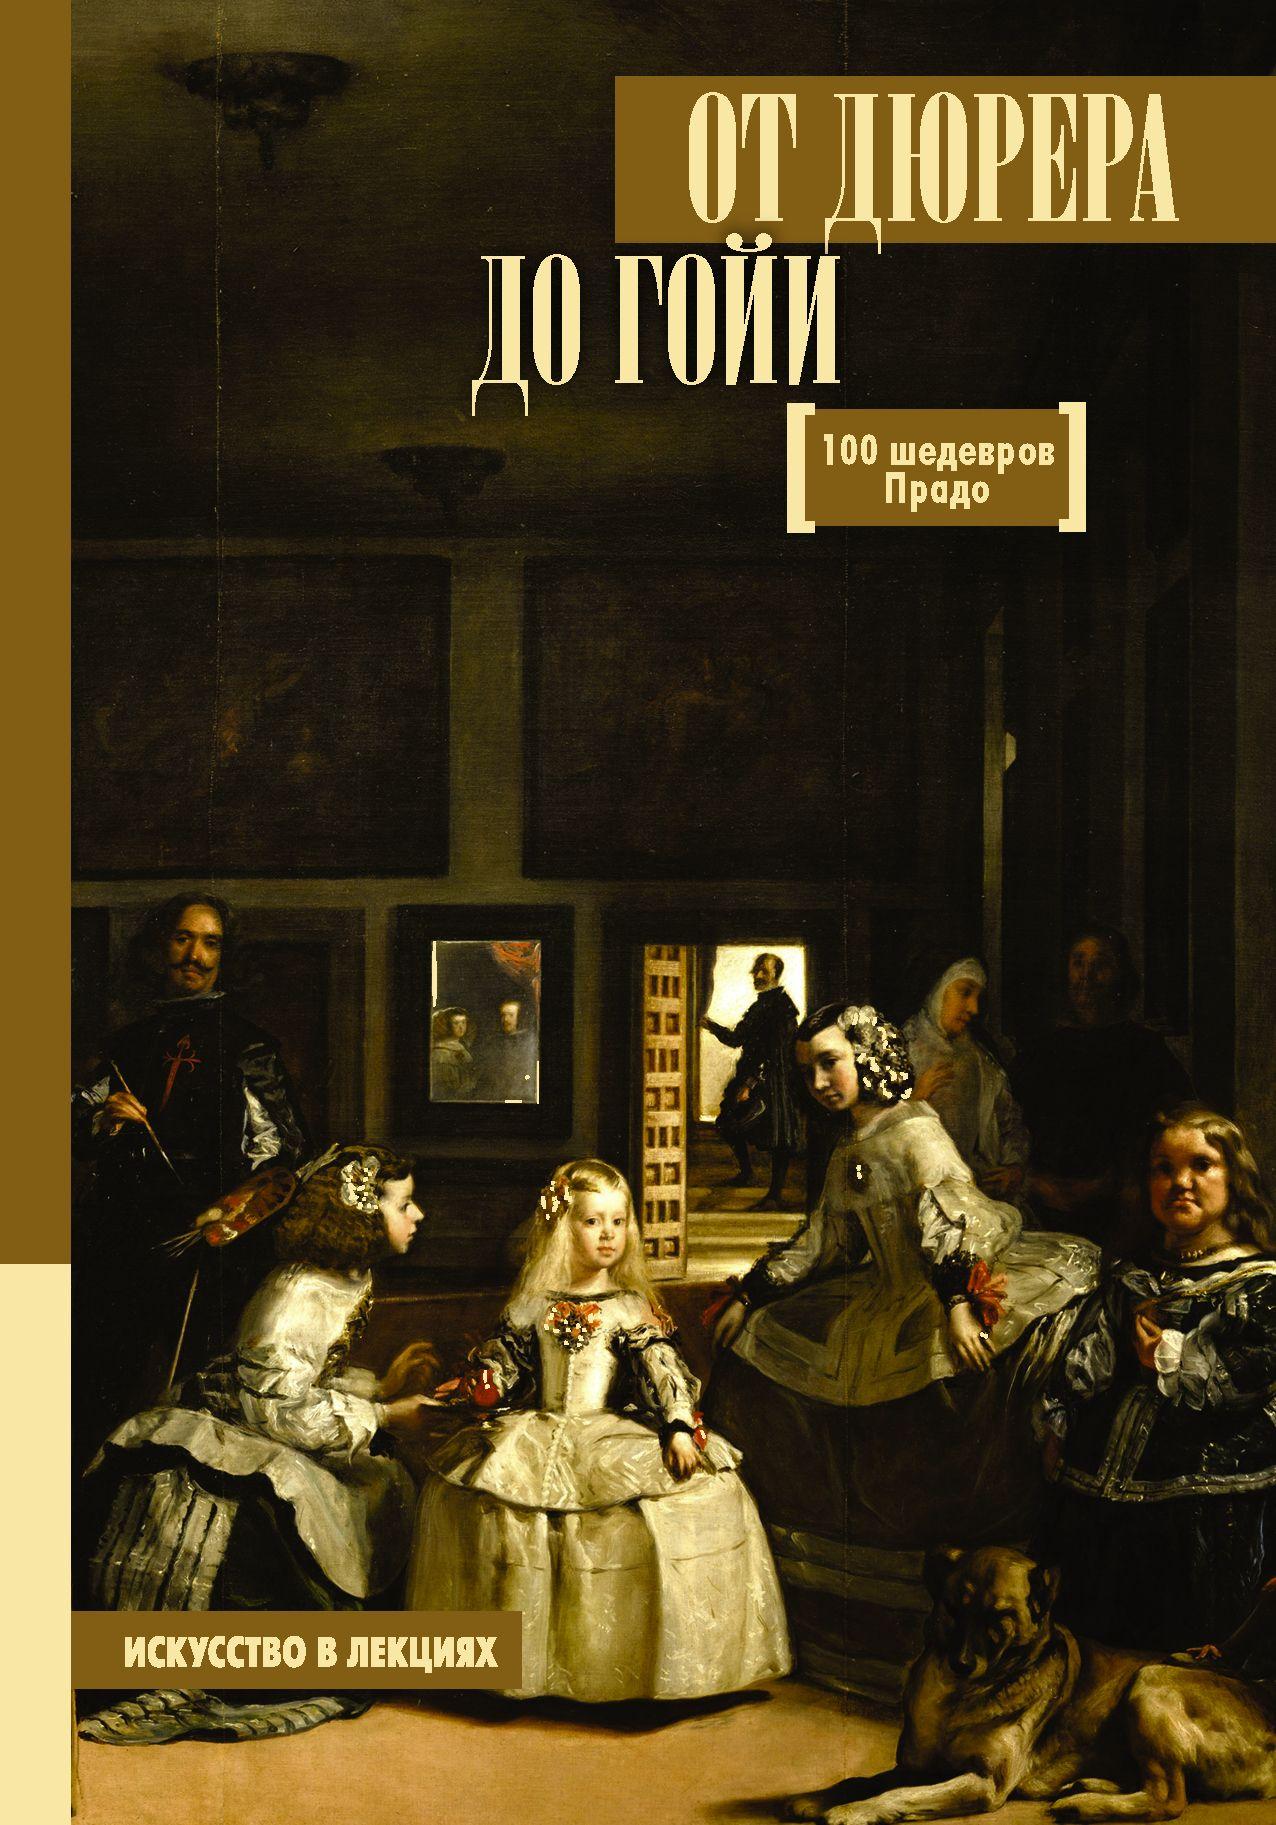 Купить книгу От Дюрера до Гойи. 100 шедевров Прадо, автора